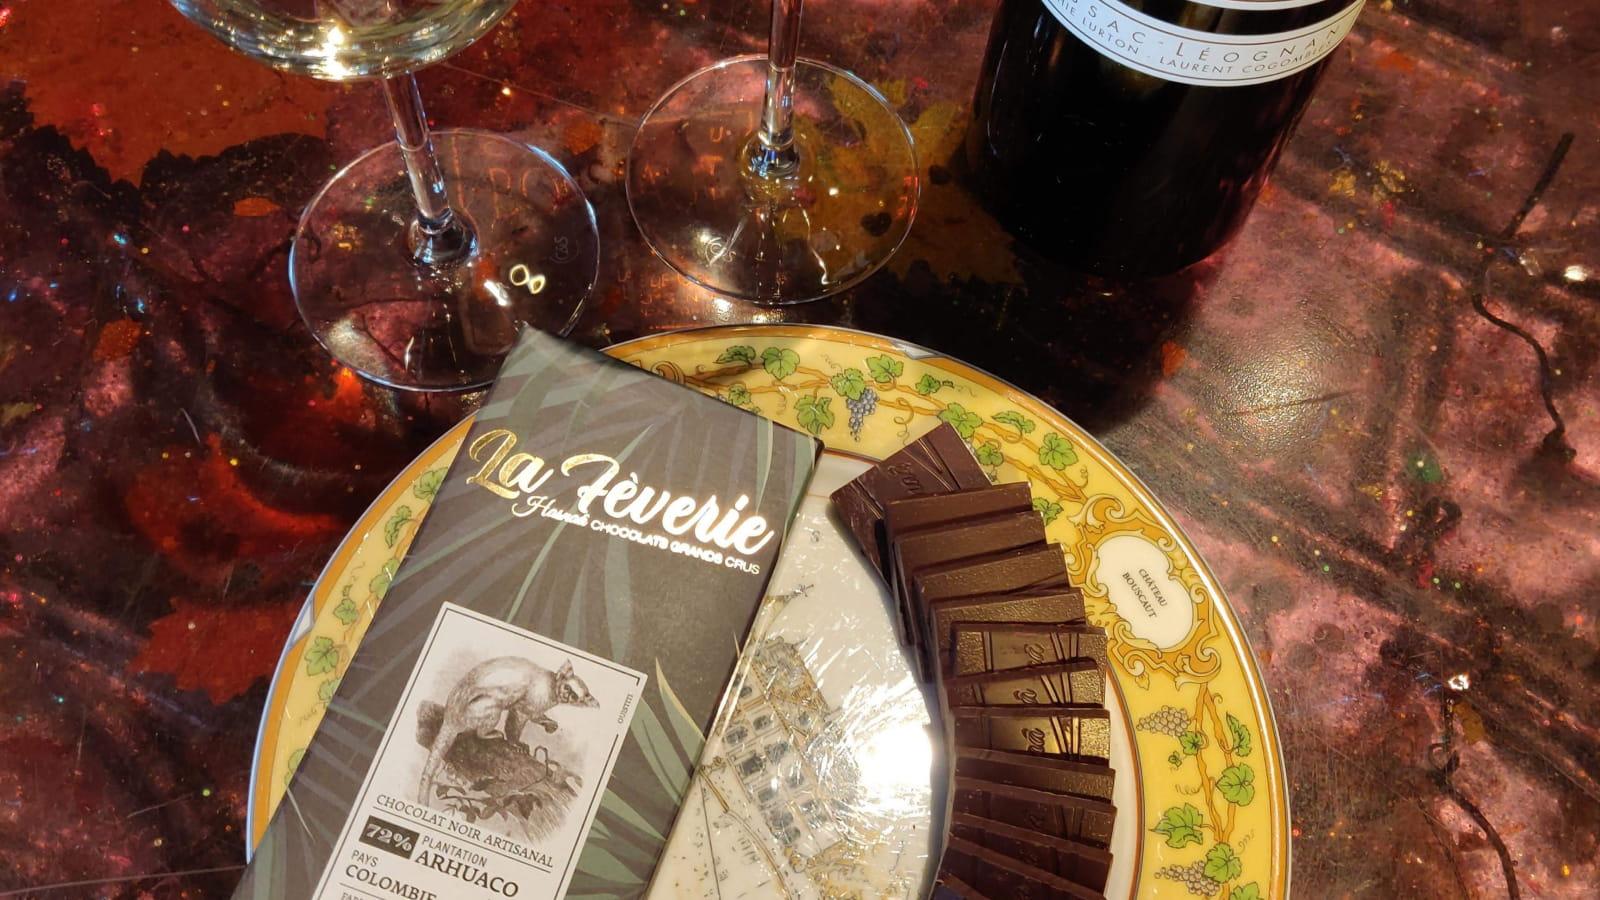 Grands crus vins et chocolat - BOUSCAUT